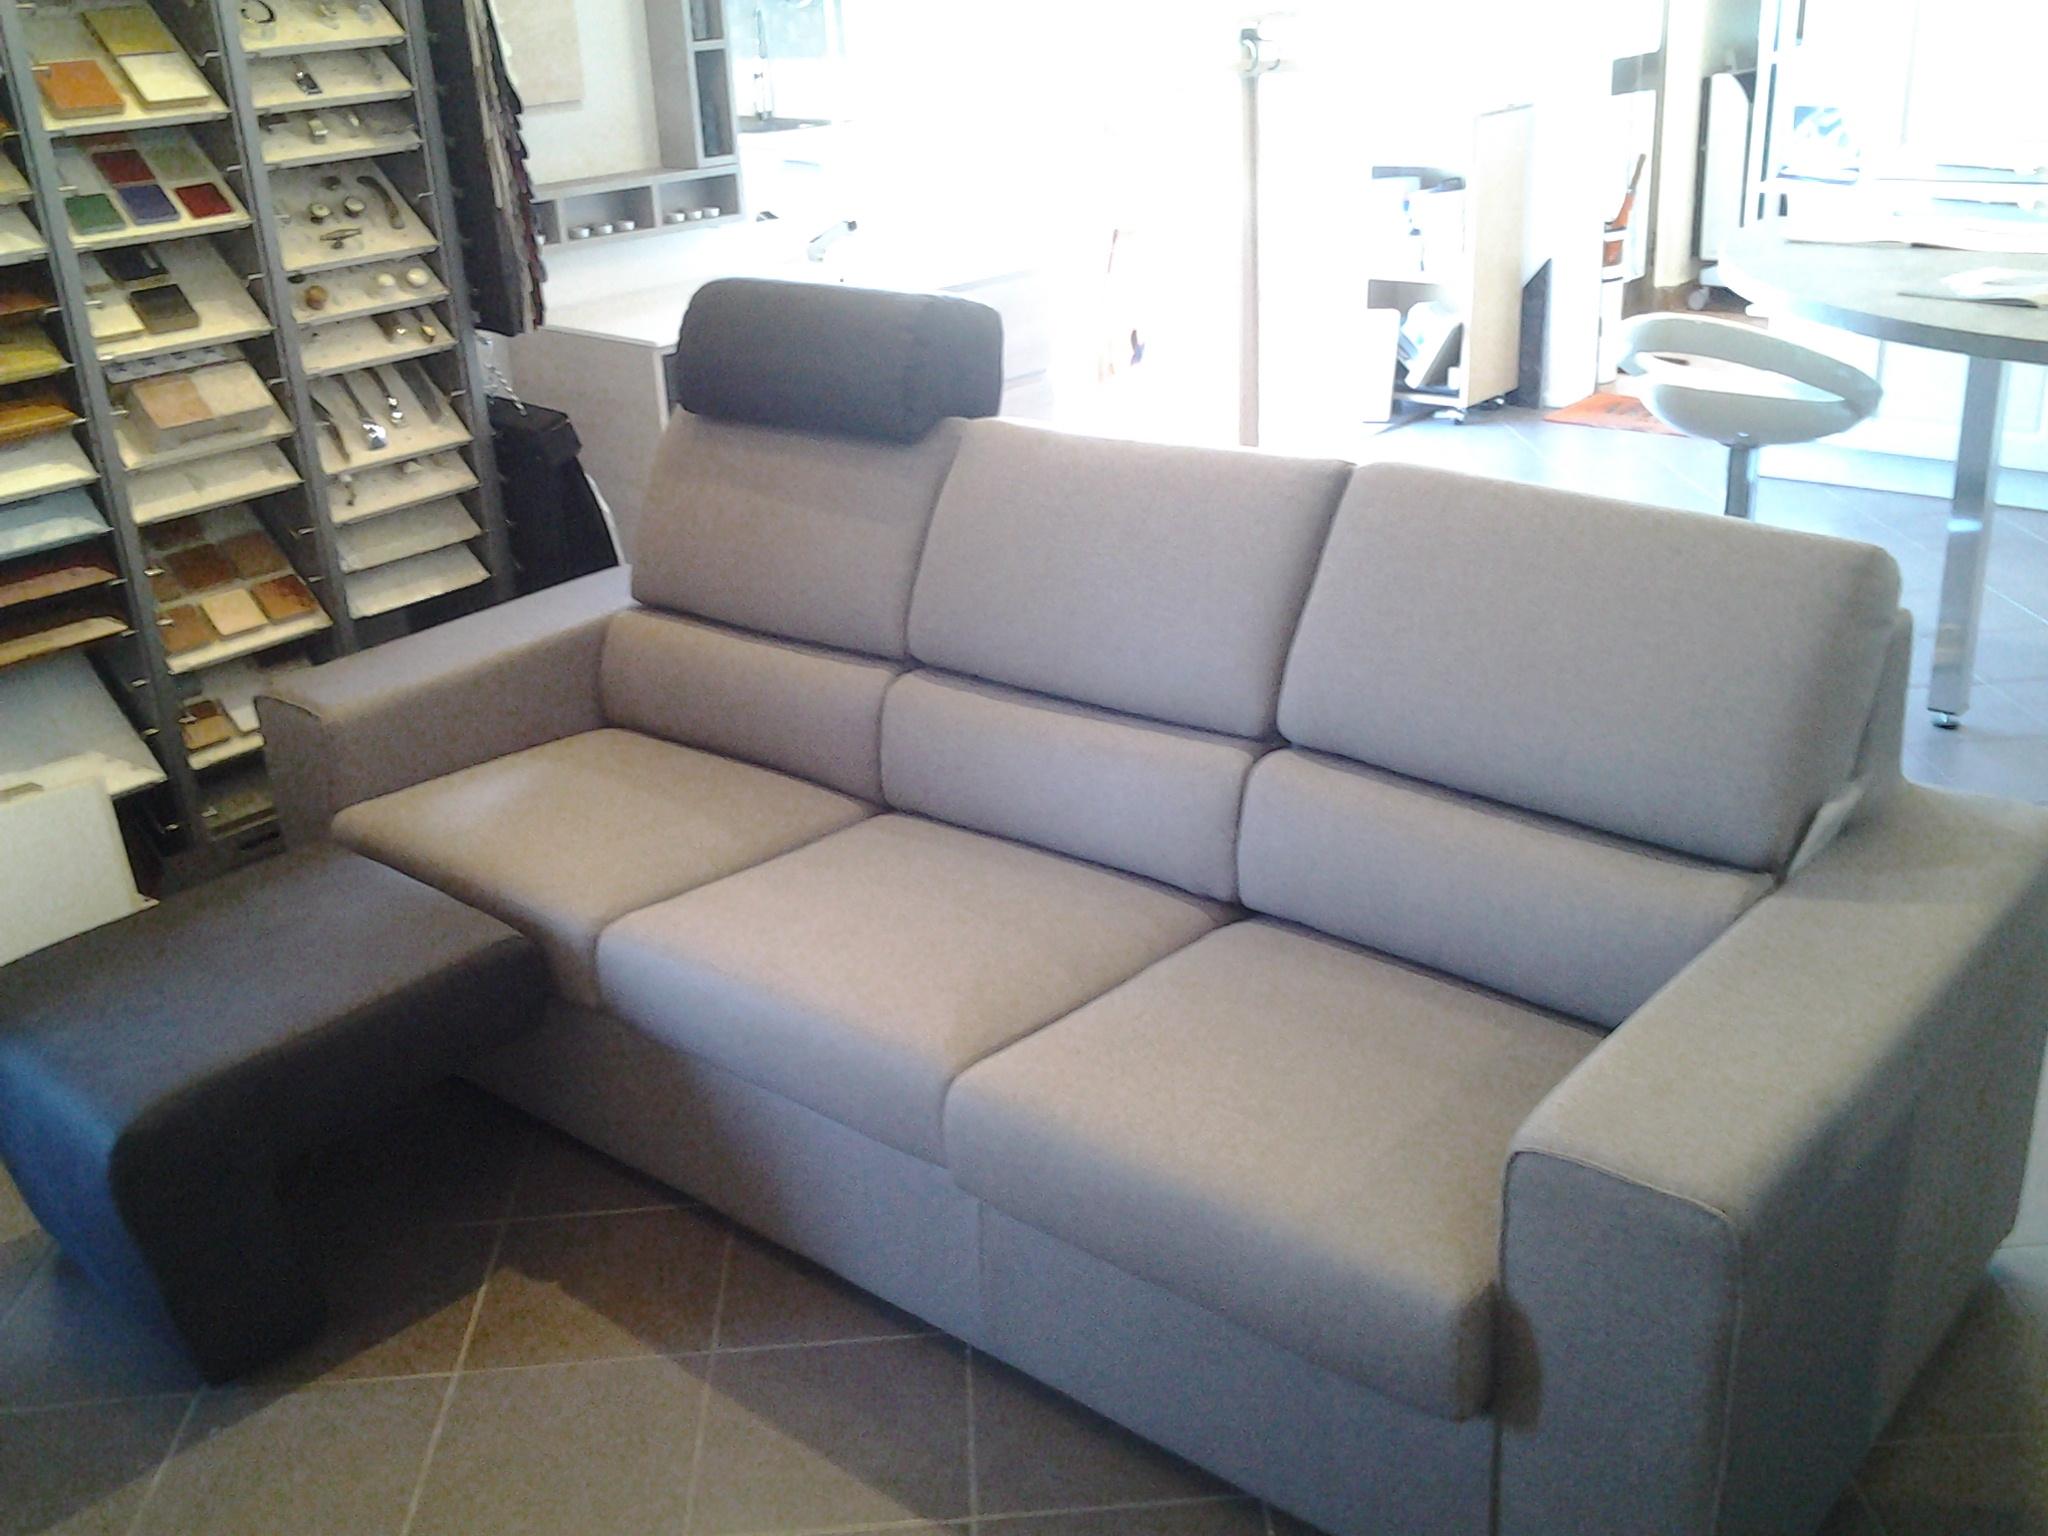 Divano con poggiapiedi 64 images divano in pelle - Poggiatesta per divano ...